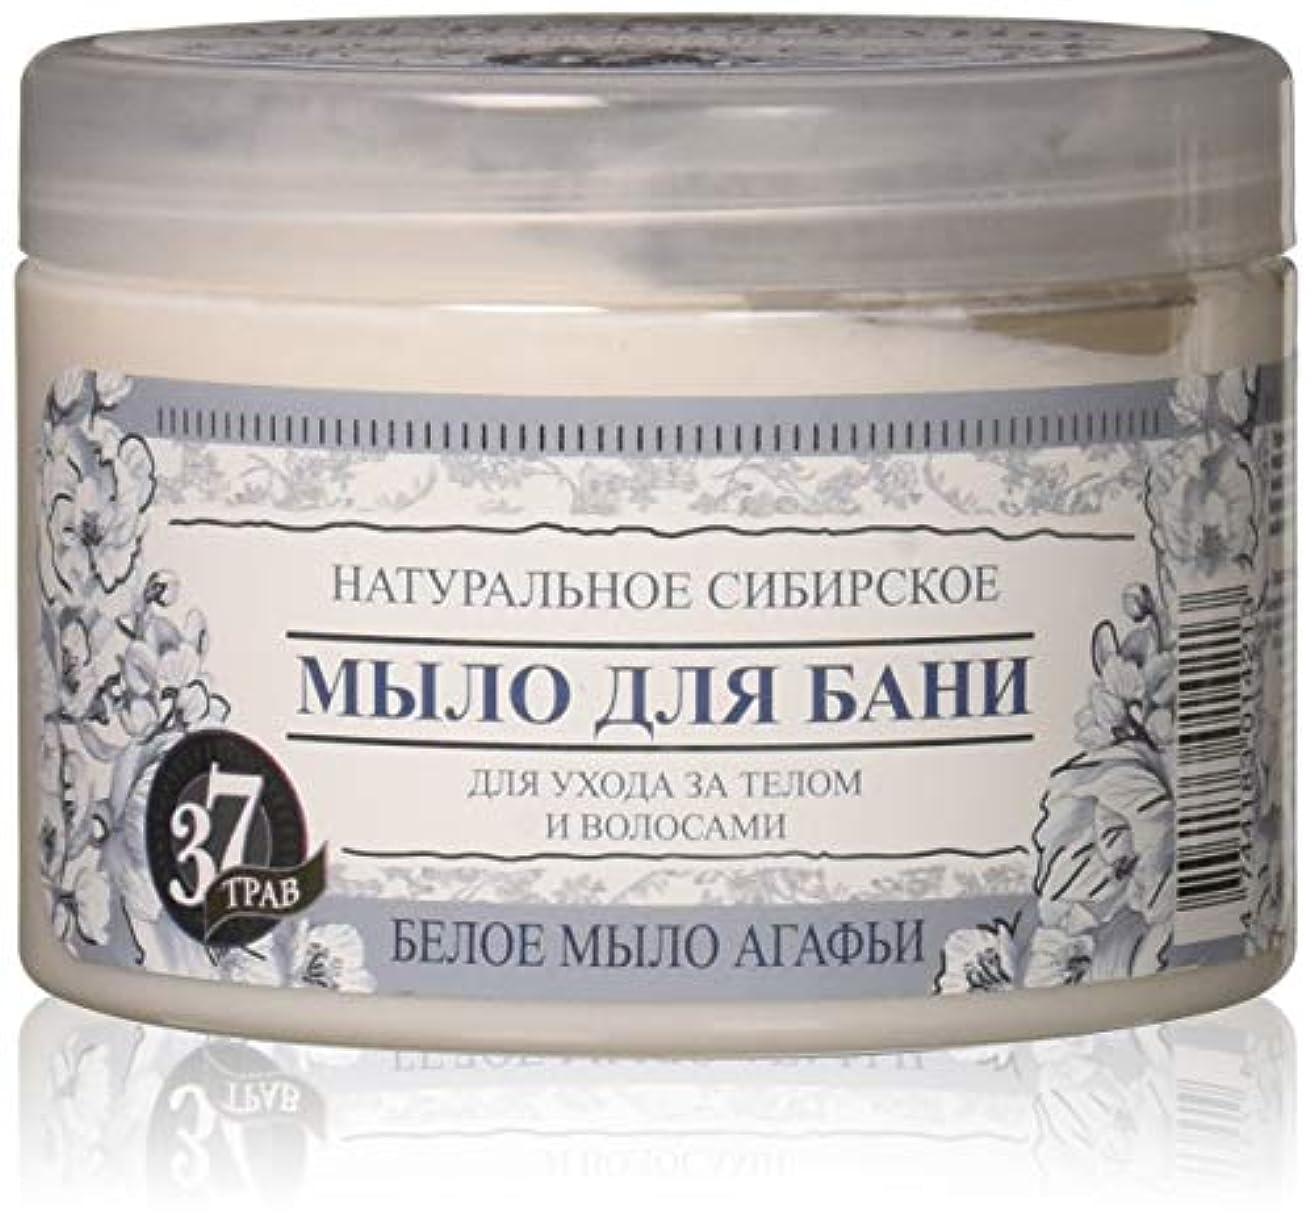 消毒剤受益者相反するアガフィア ナチュラル ボディーソープ (Made in EU)